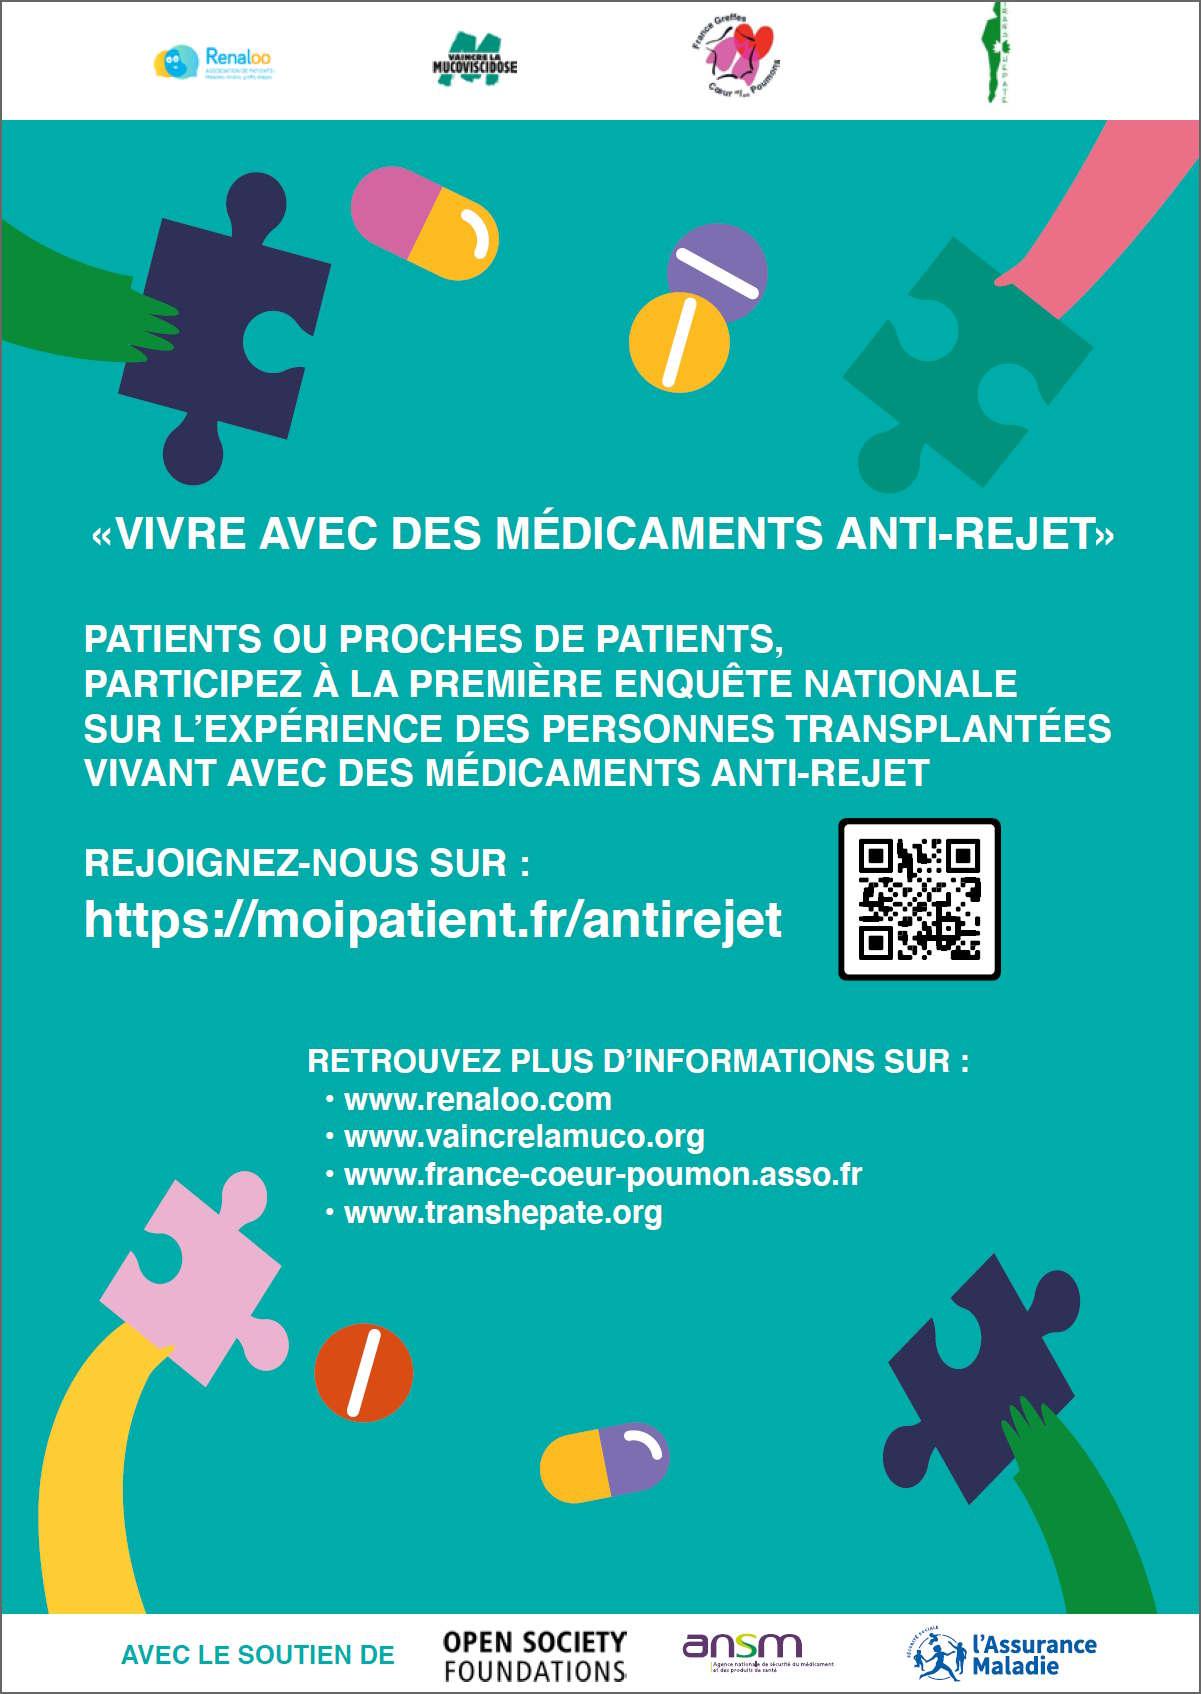 Grande enquête pour recueillir votre expérience sur la vie avec des médicaments anti-rejet